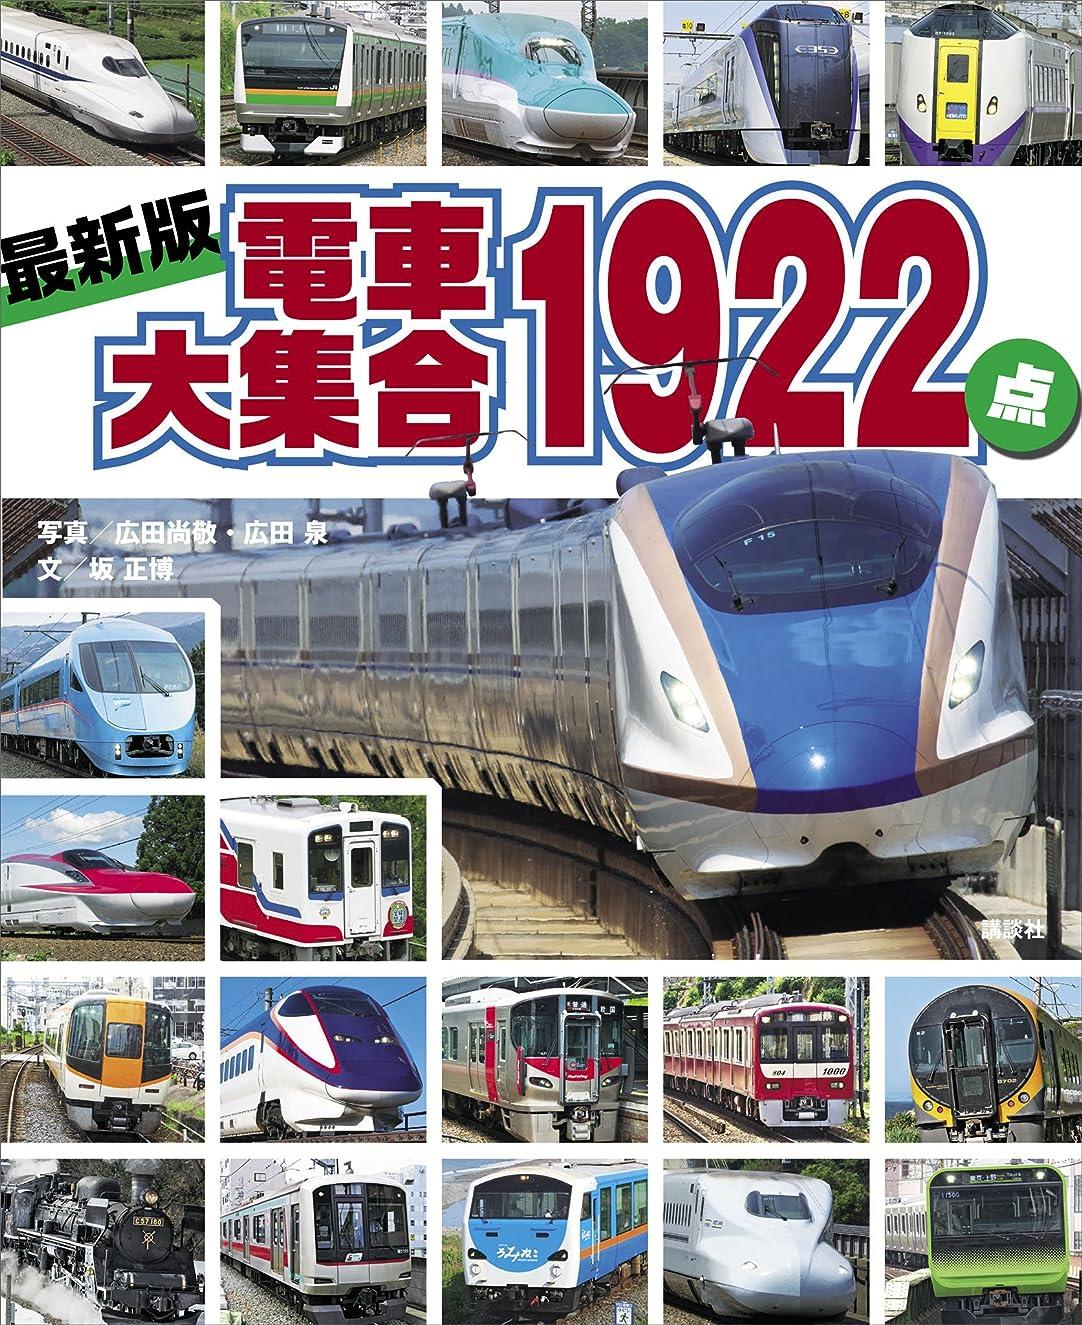 小包含む説教する最新版 電車大集合1922点 (のりものアルバム(新))